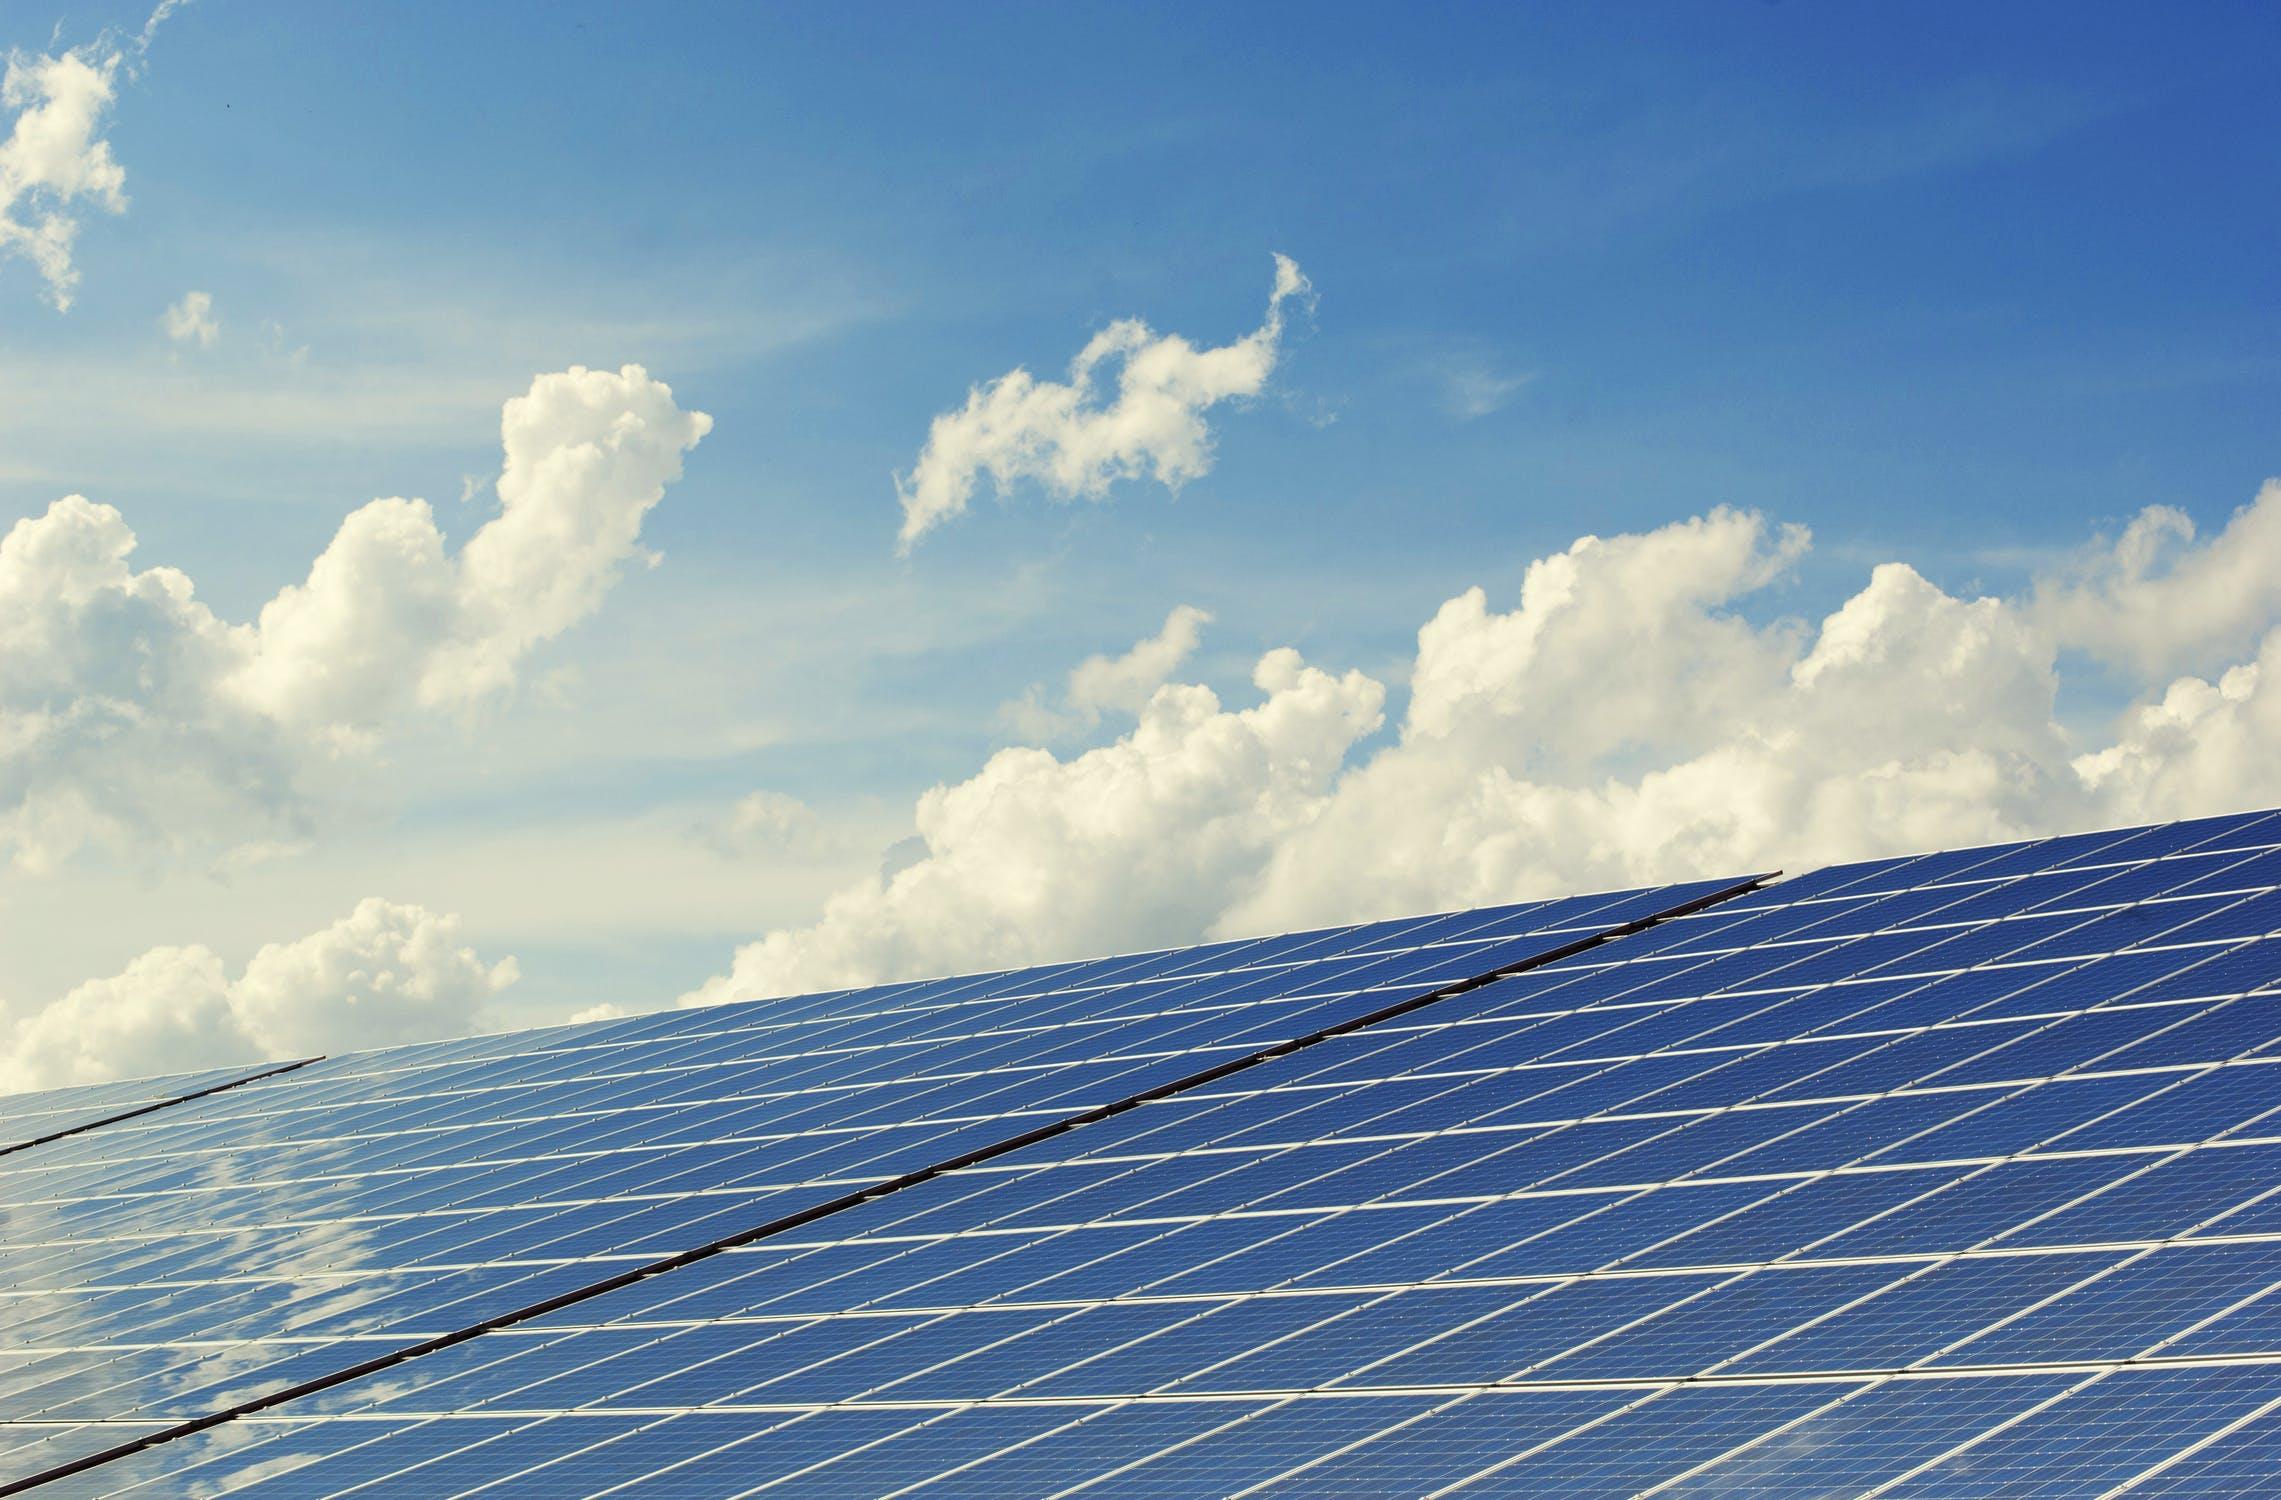 Energia solar fotovoltaica para empresas em Minas Gerais